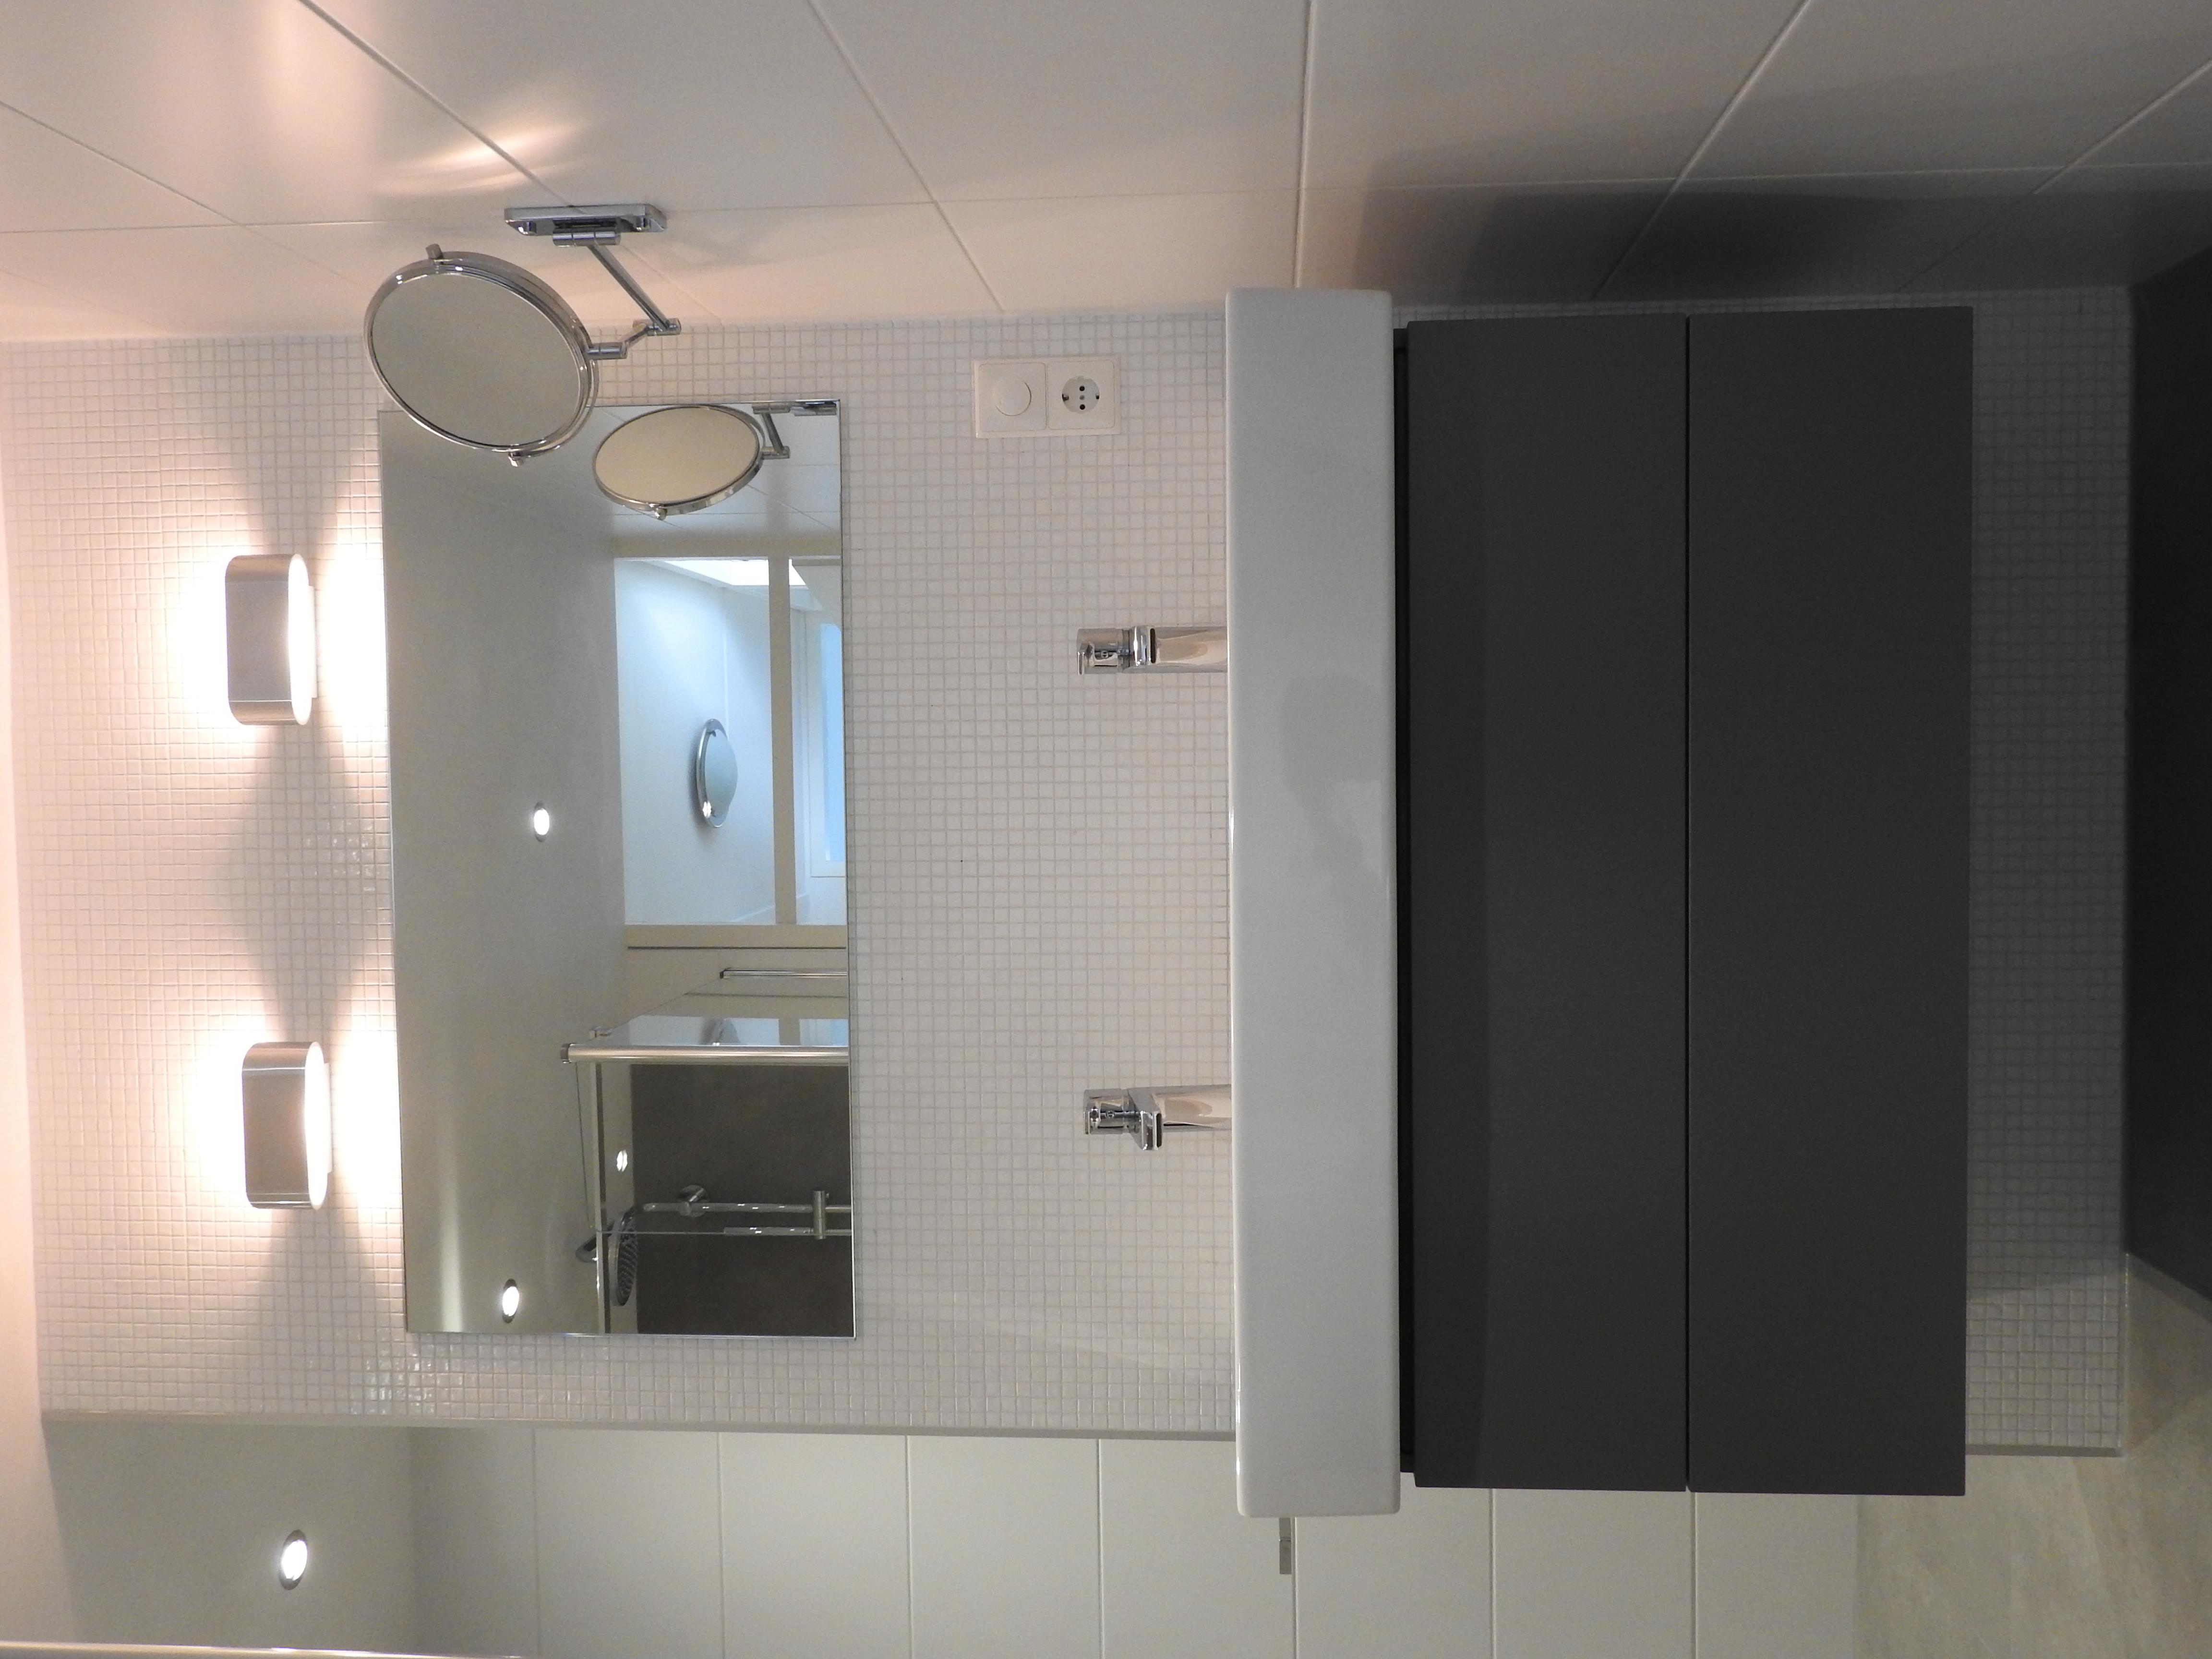 Renovatie Badkamer Assen : Badkamer installatie in assen